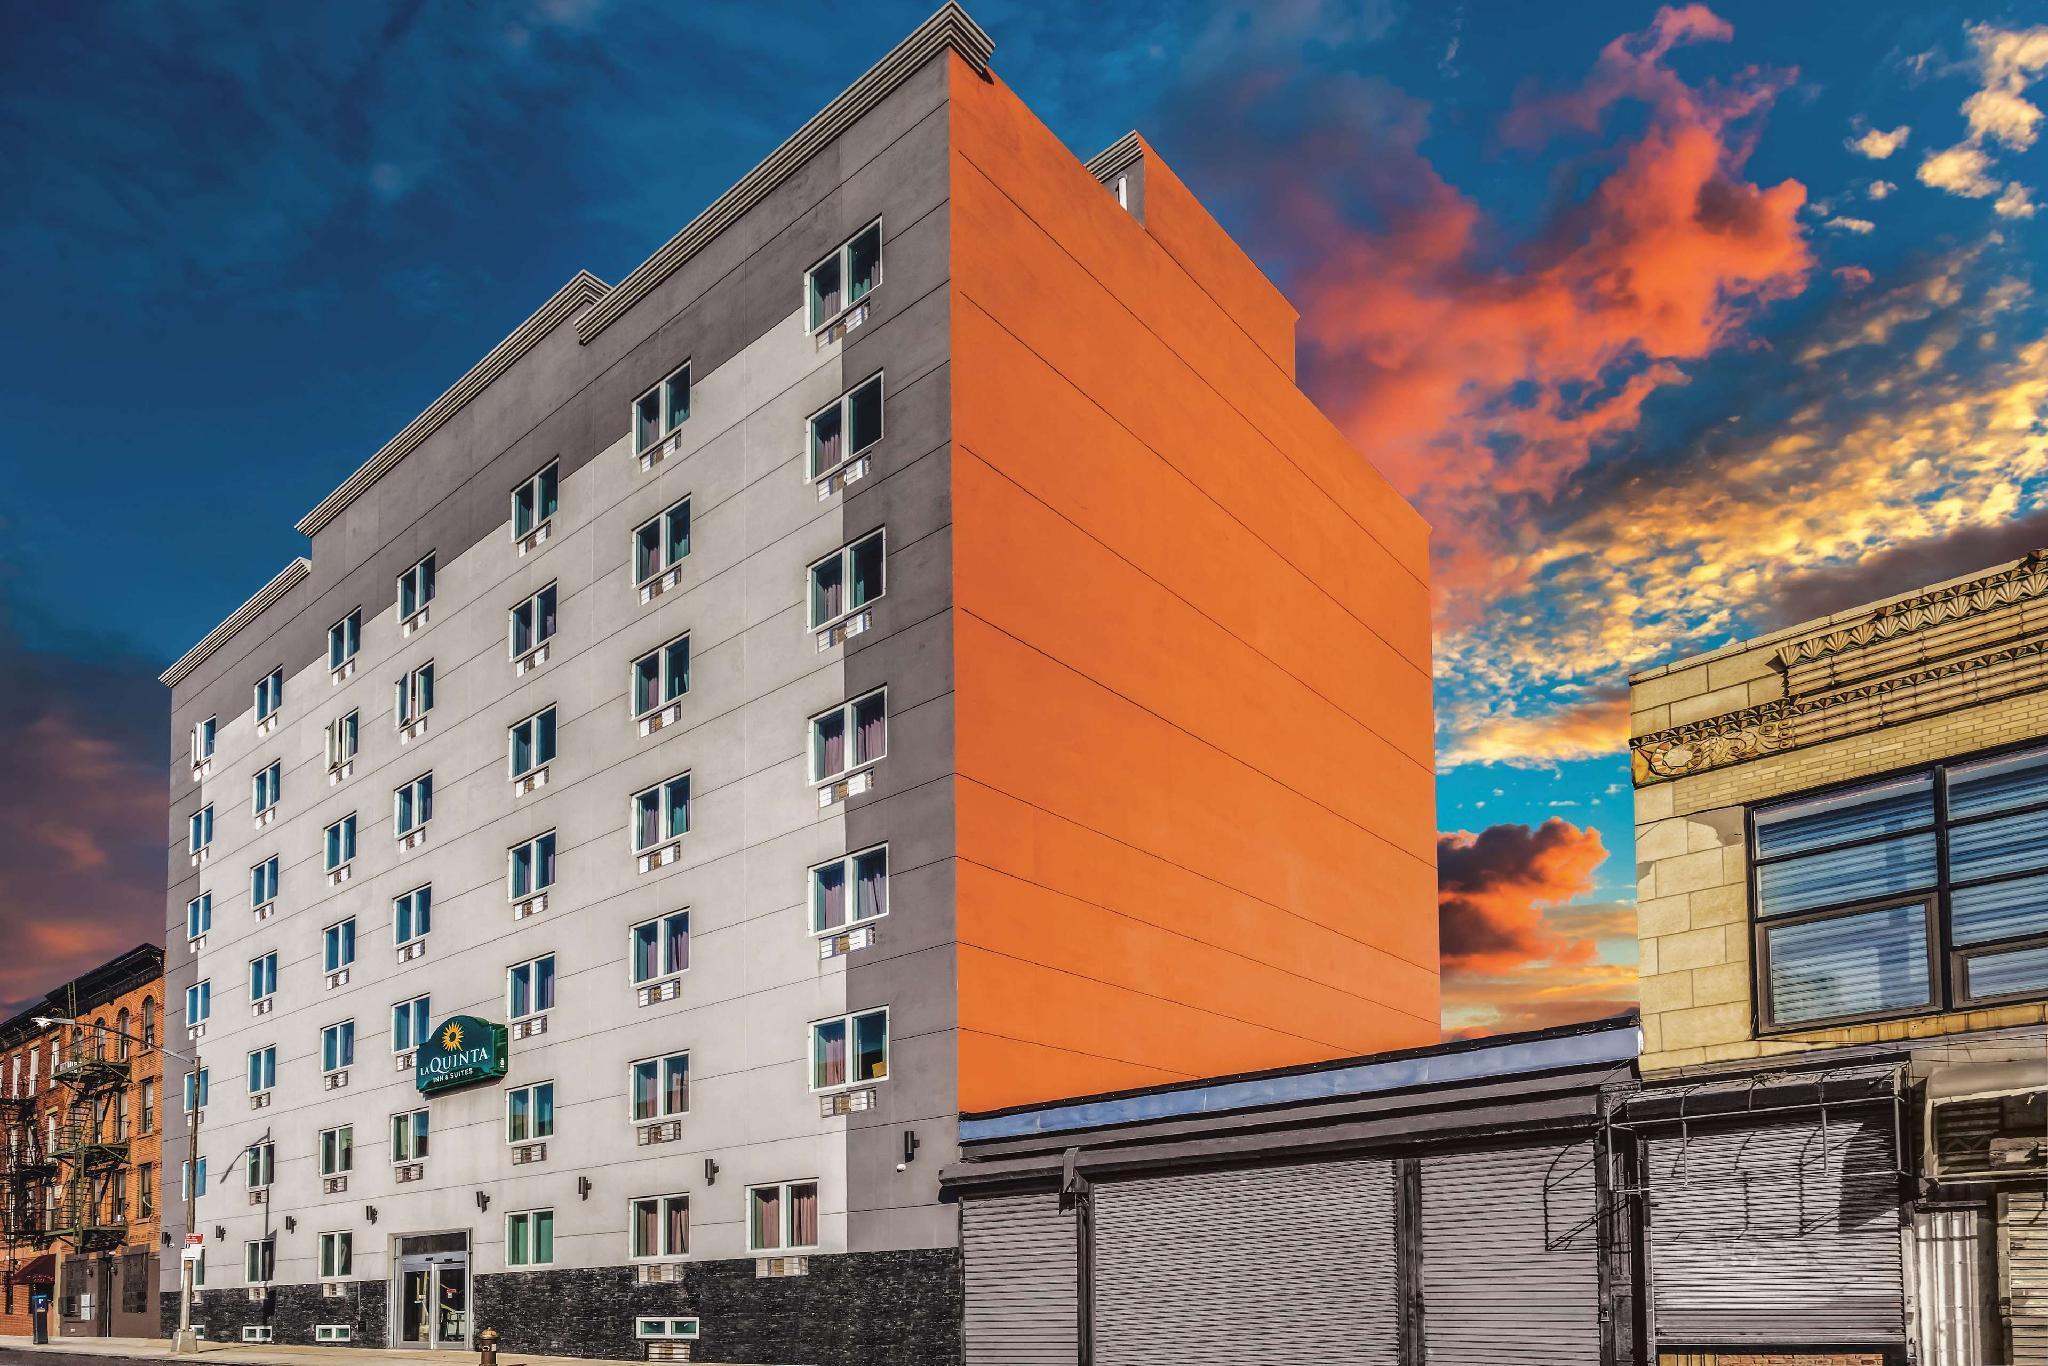 La Quinta Inn & Suites by Wyndham Brooklyn Central